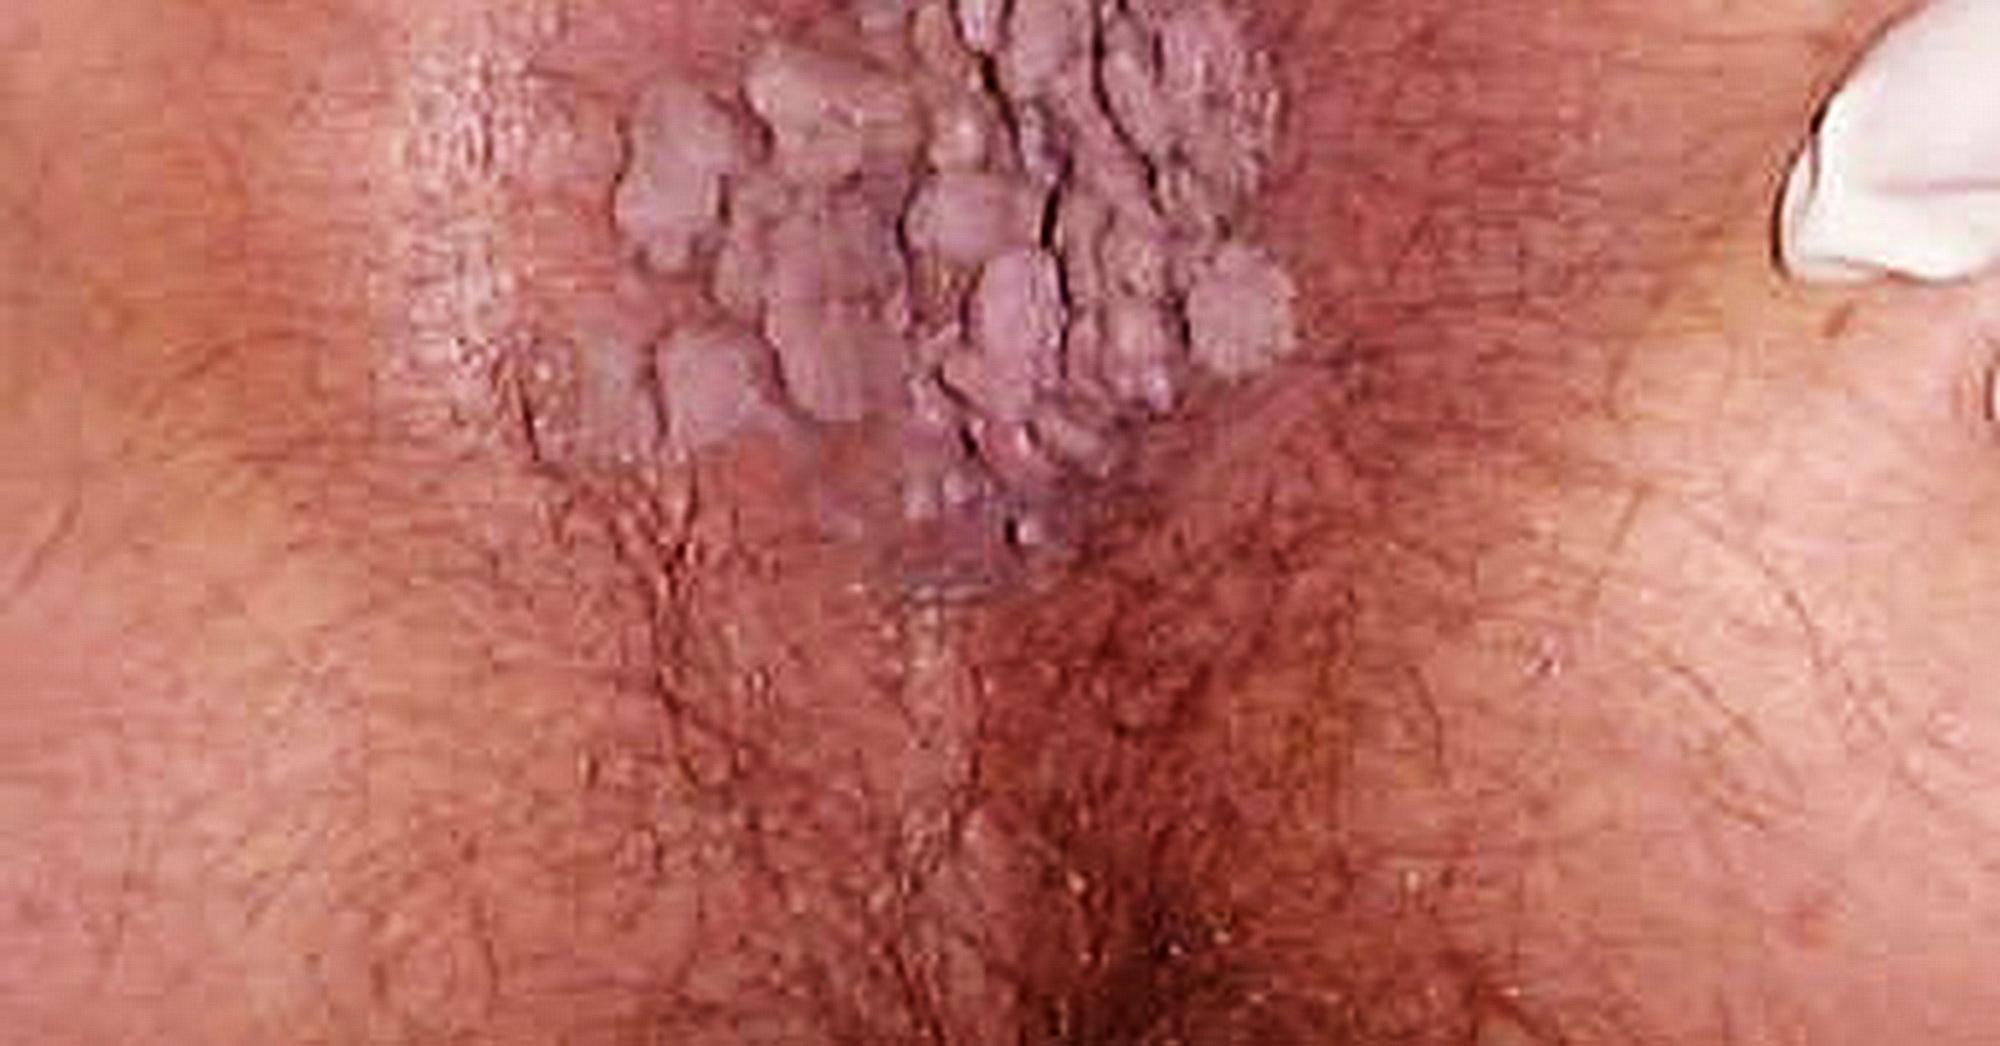 Papilloma virus puo guarire da solo, Papilloma virus guarigione